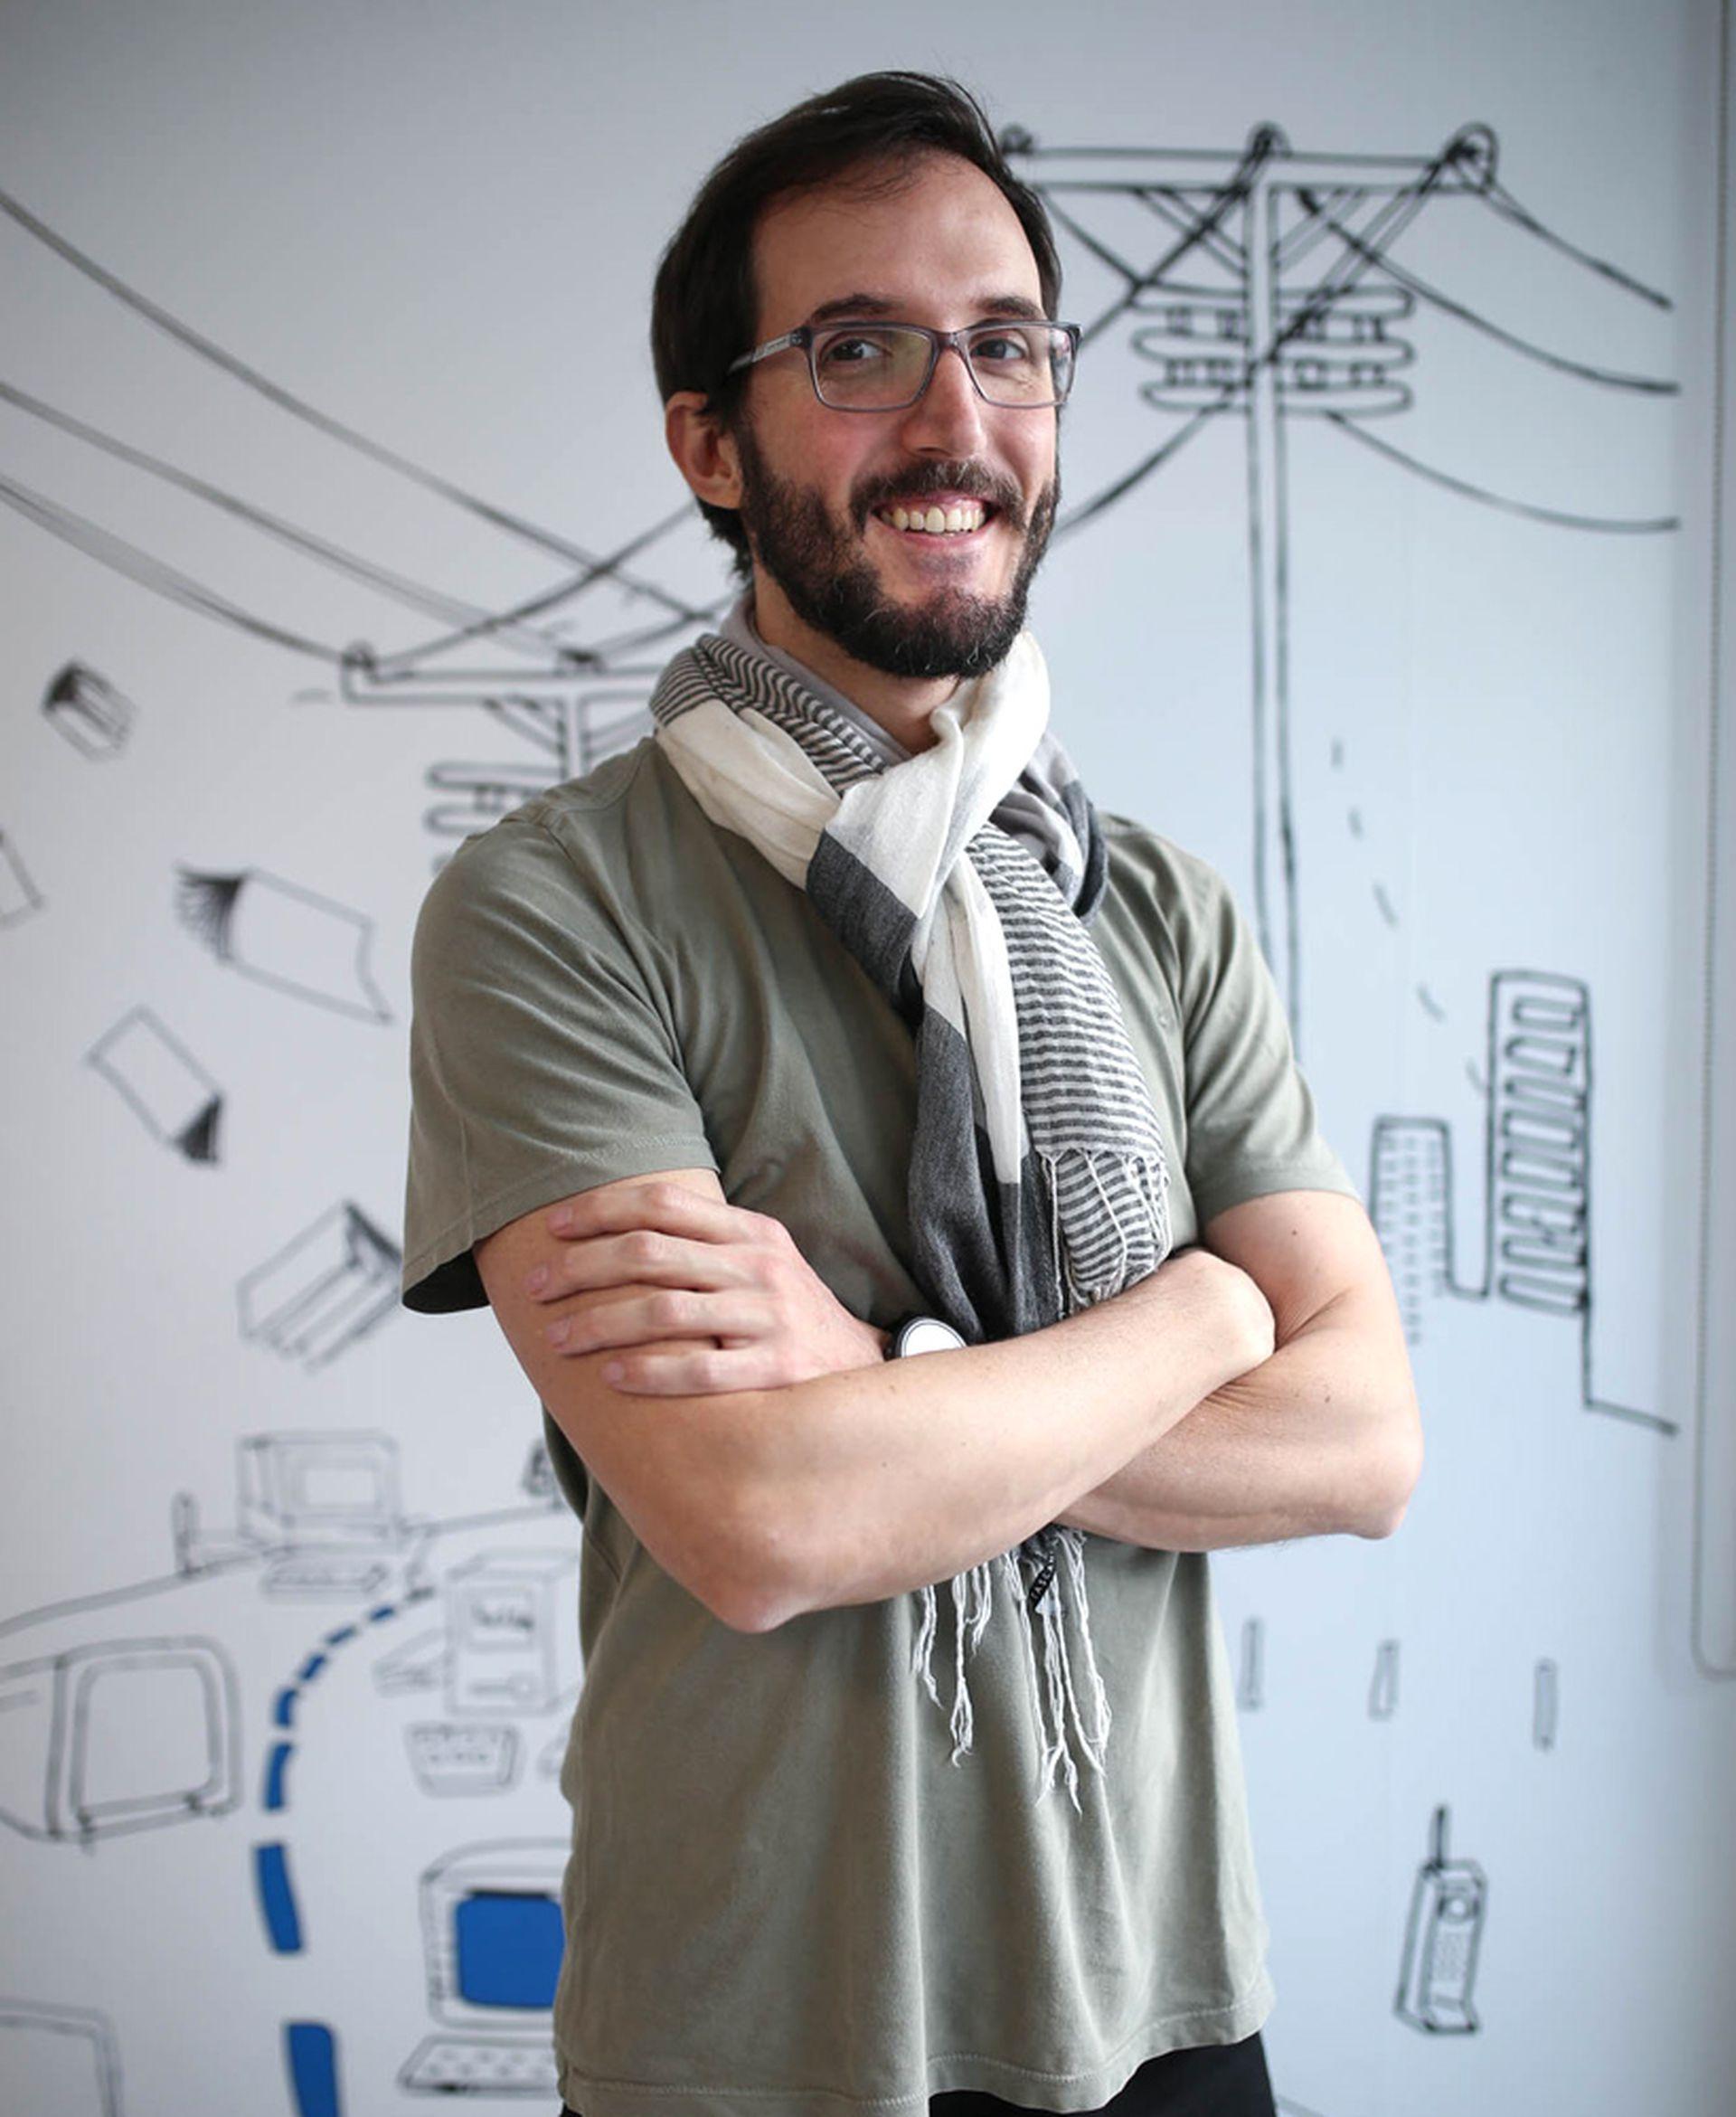 Guillermo Bracciaforte (36) Innovación: Interpretó el nuevo mercado laboral y desarrolló una plataforma para ofertar servicios y contratar profesionales freelance.